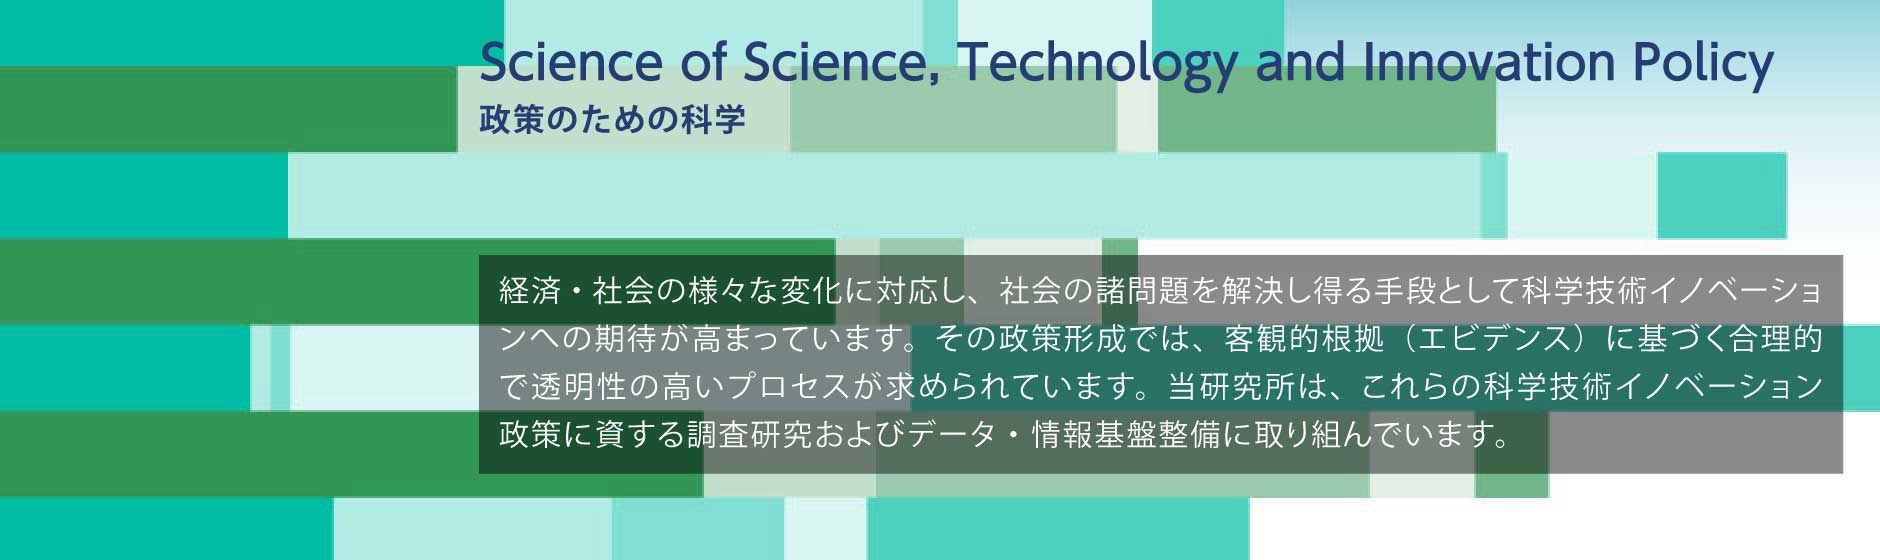 政策のための科学